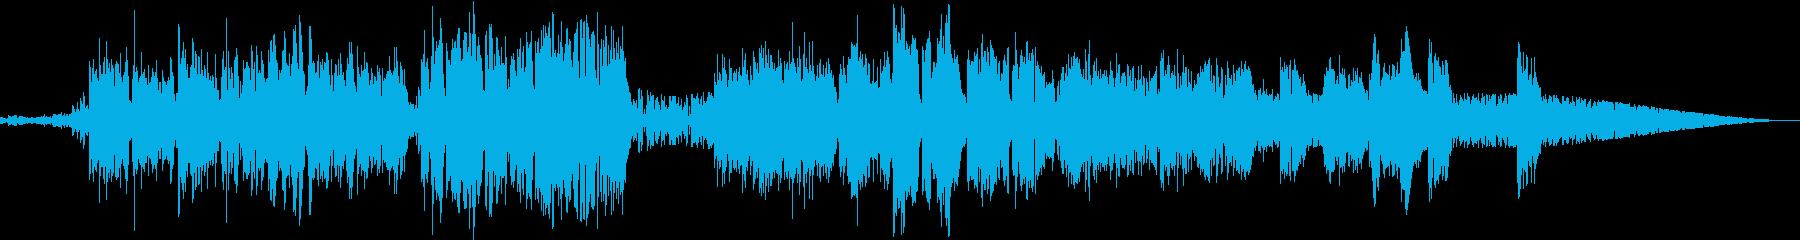 アシッド超の女性Vocalアップテンポの再生済みの波形